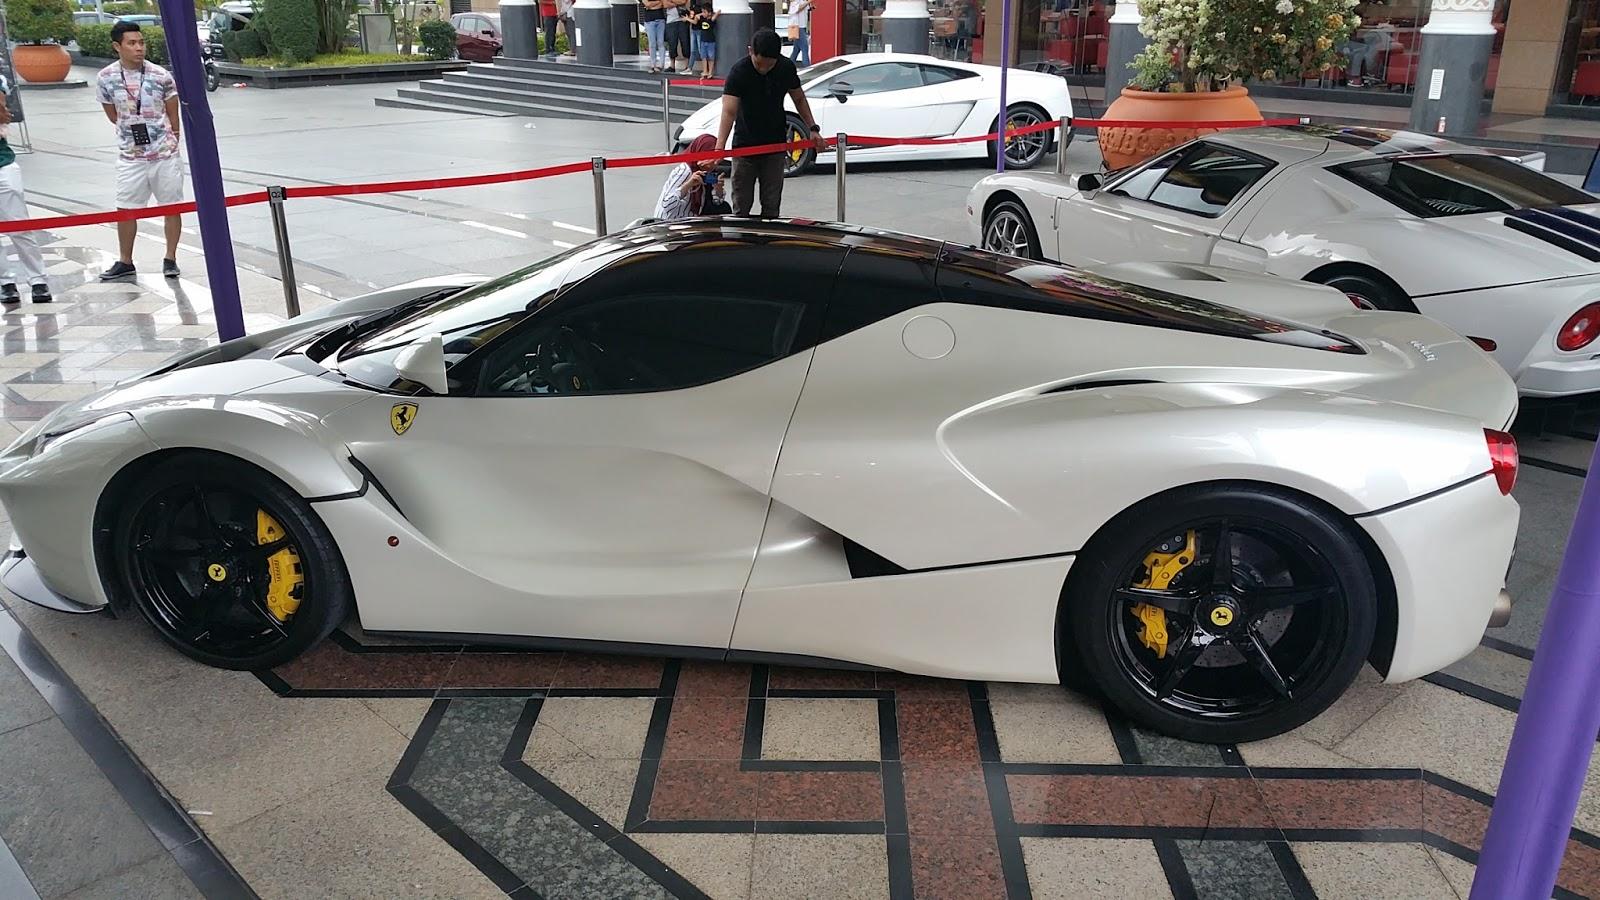 brunei-er34.blogspot.com: Car Show In Brunei - Yayasan Sultan Haji ...